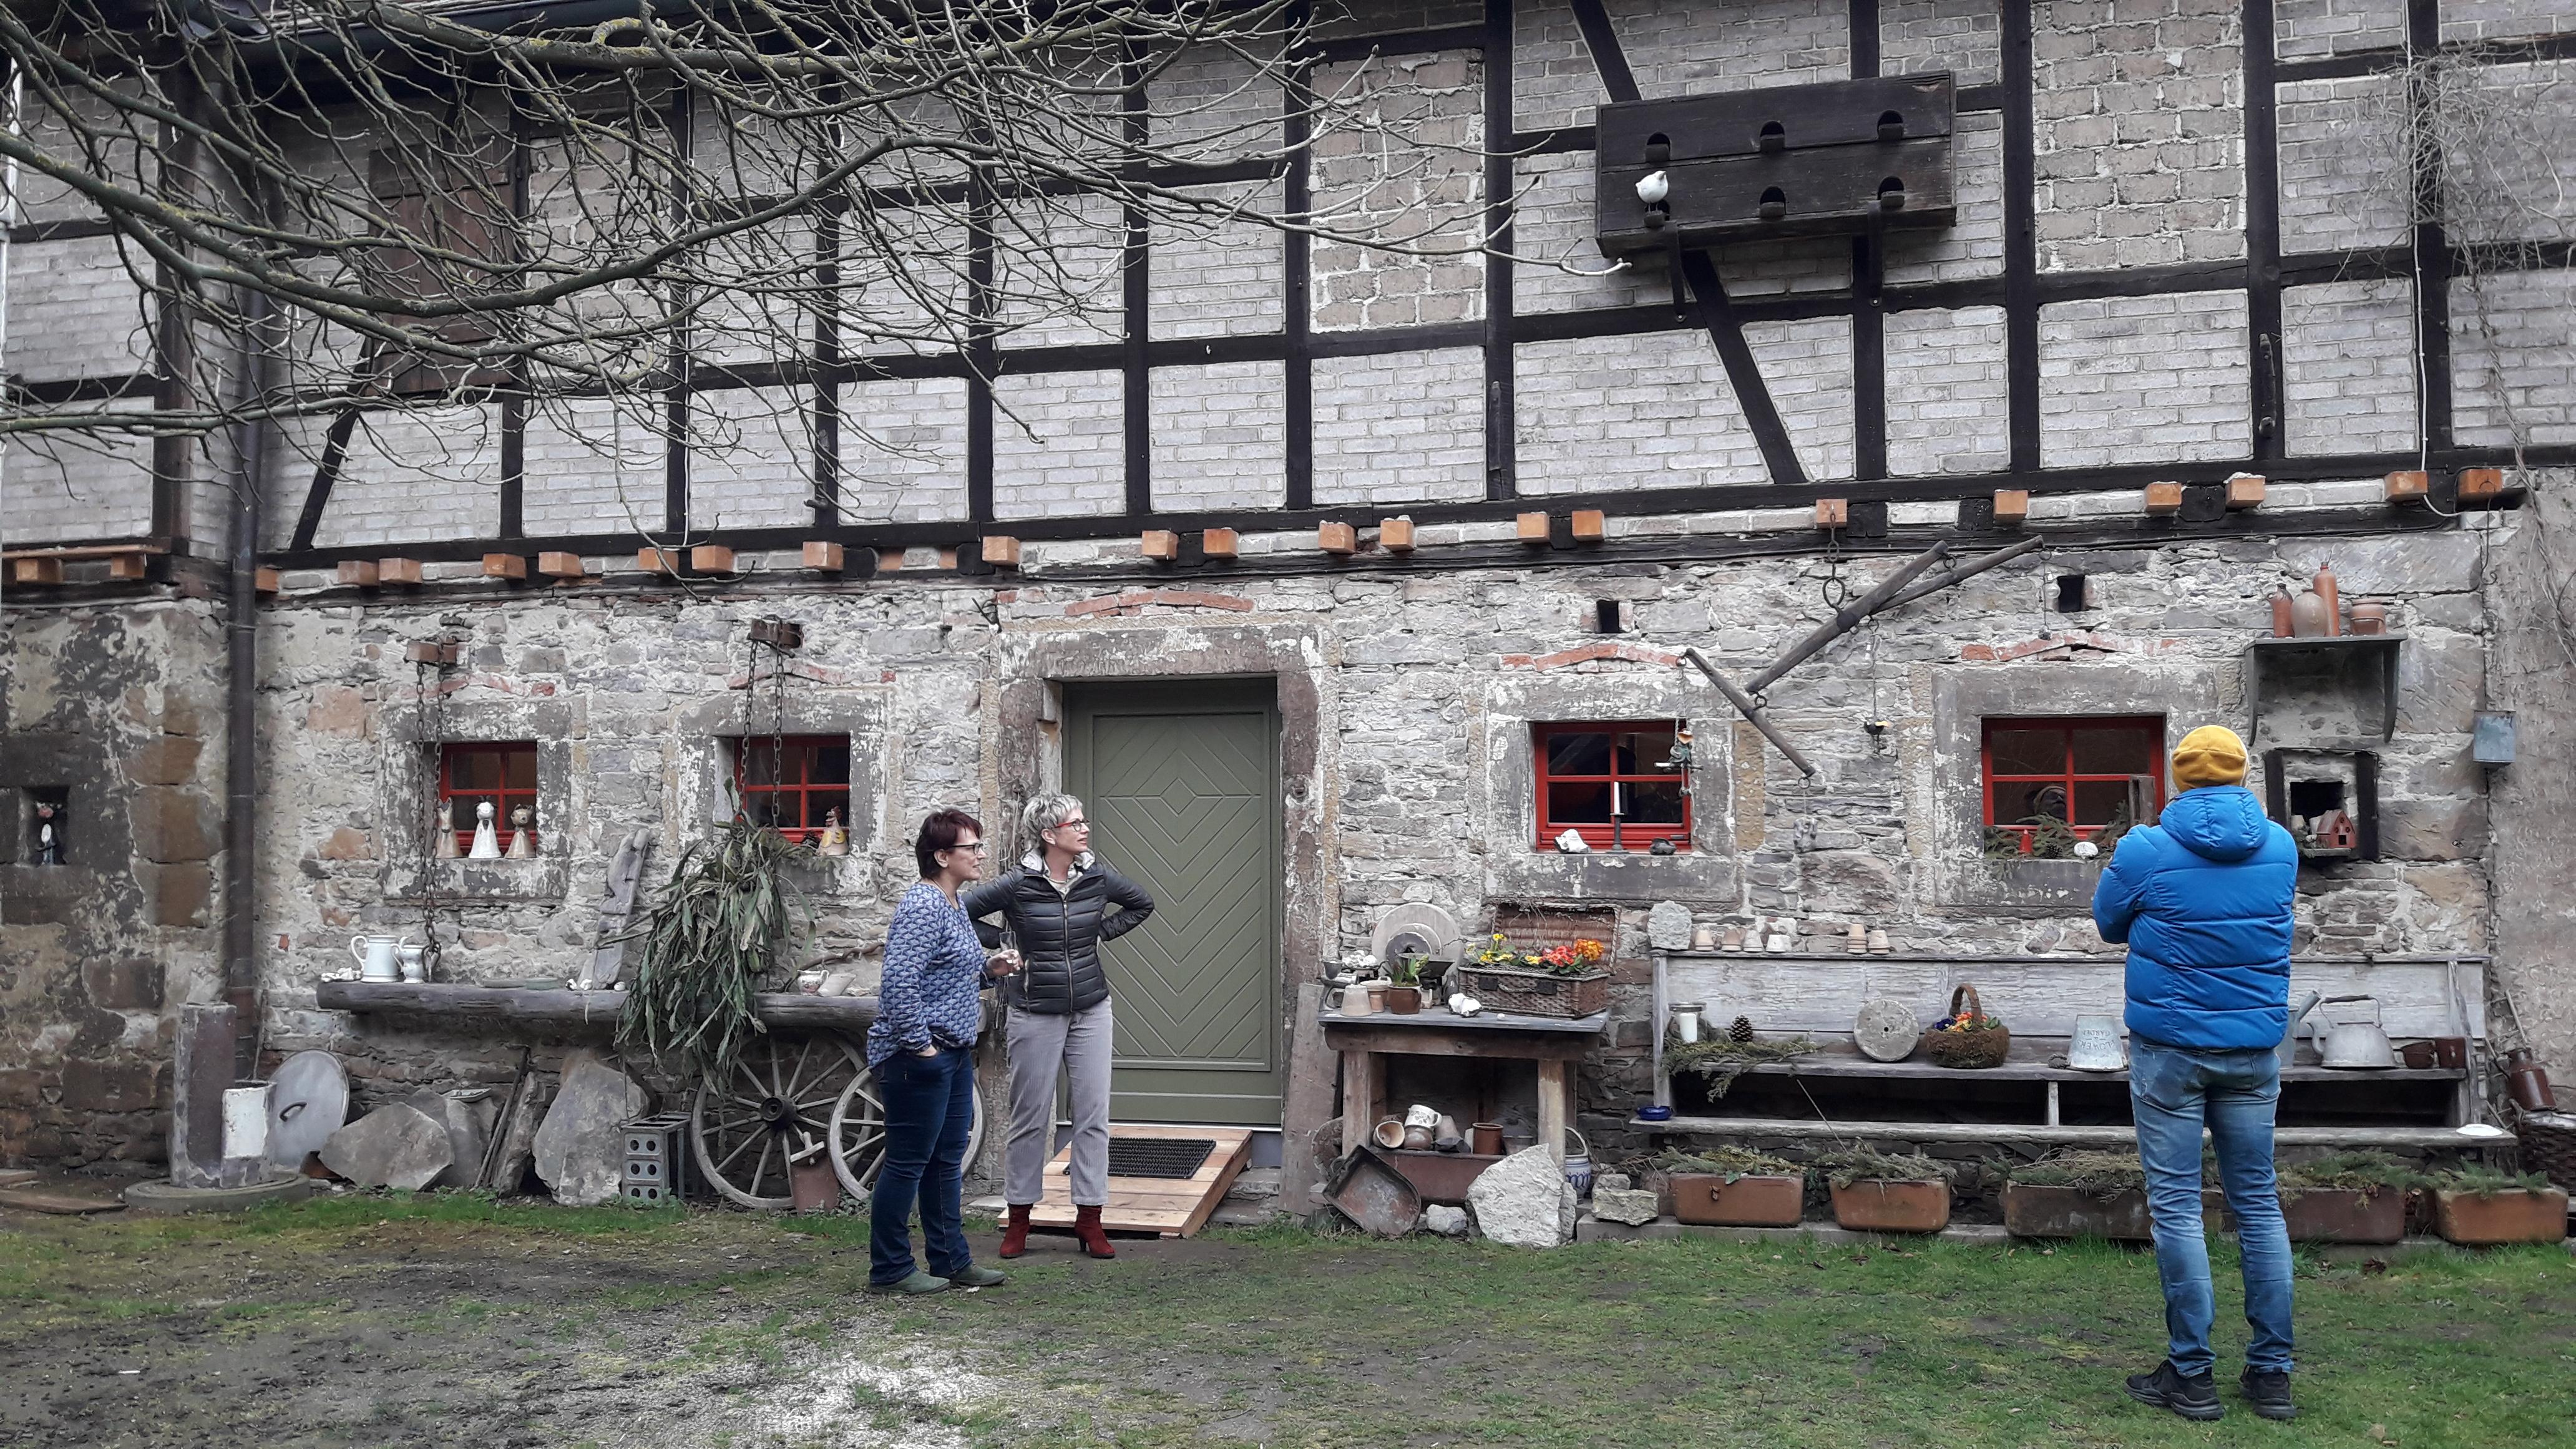 Dorfleben hinter historischen Mauern